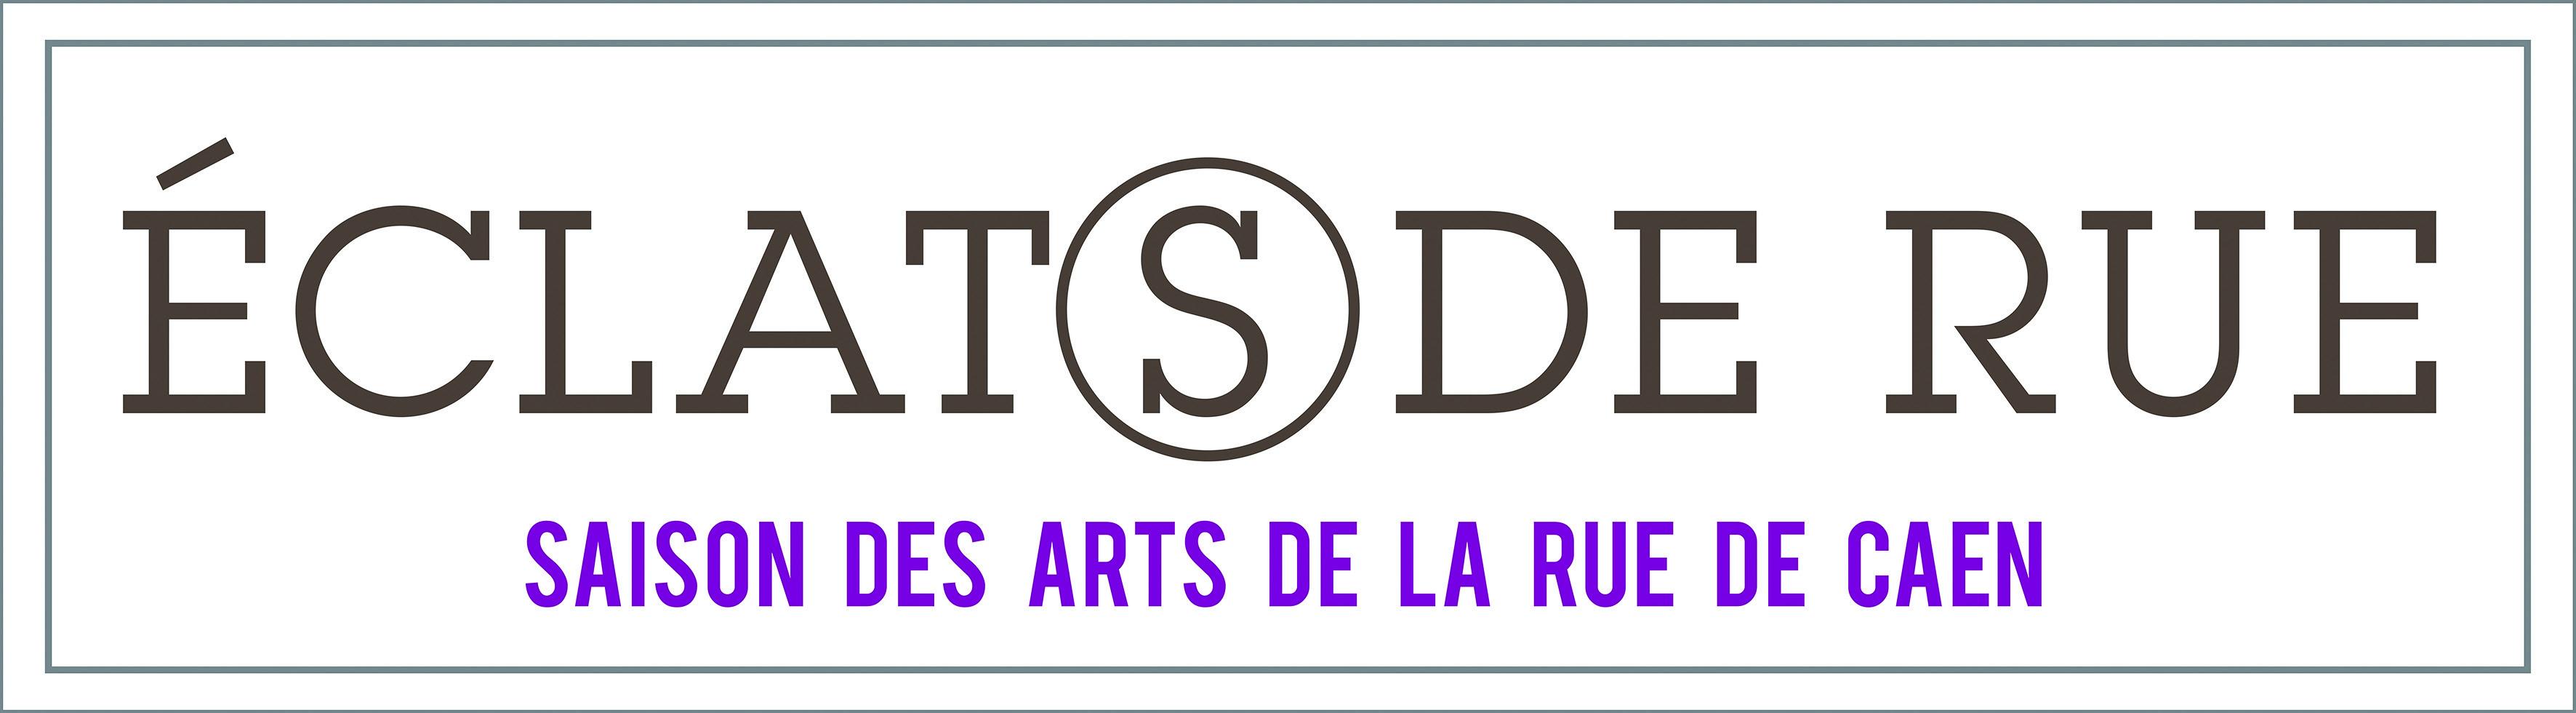 Logo Festival Eclat(s) de rue